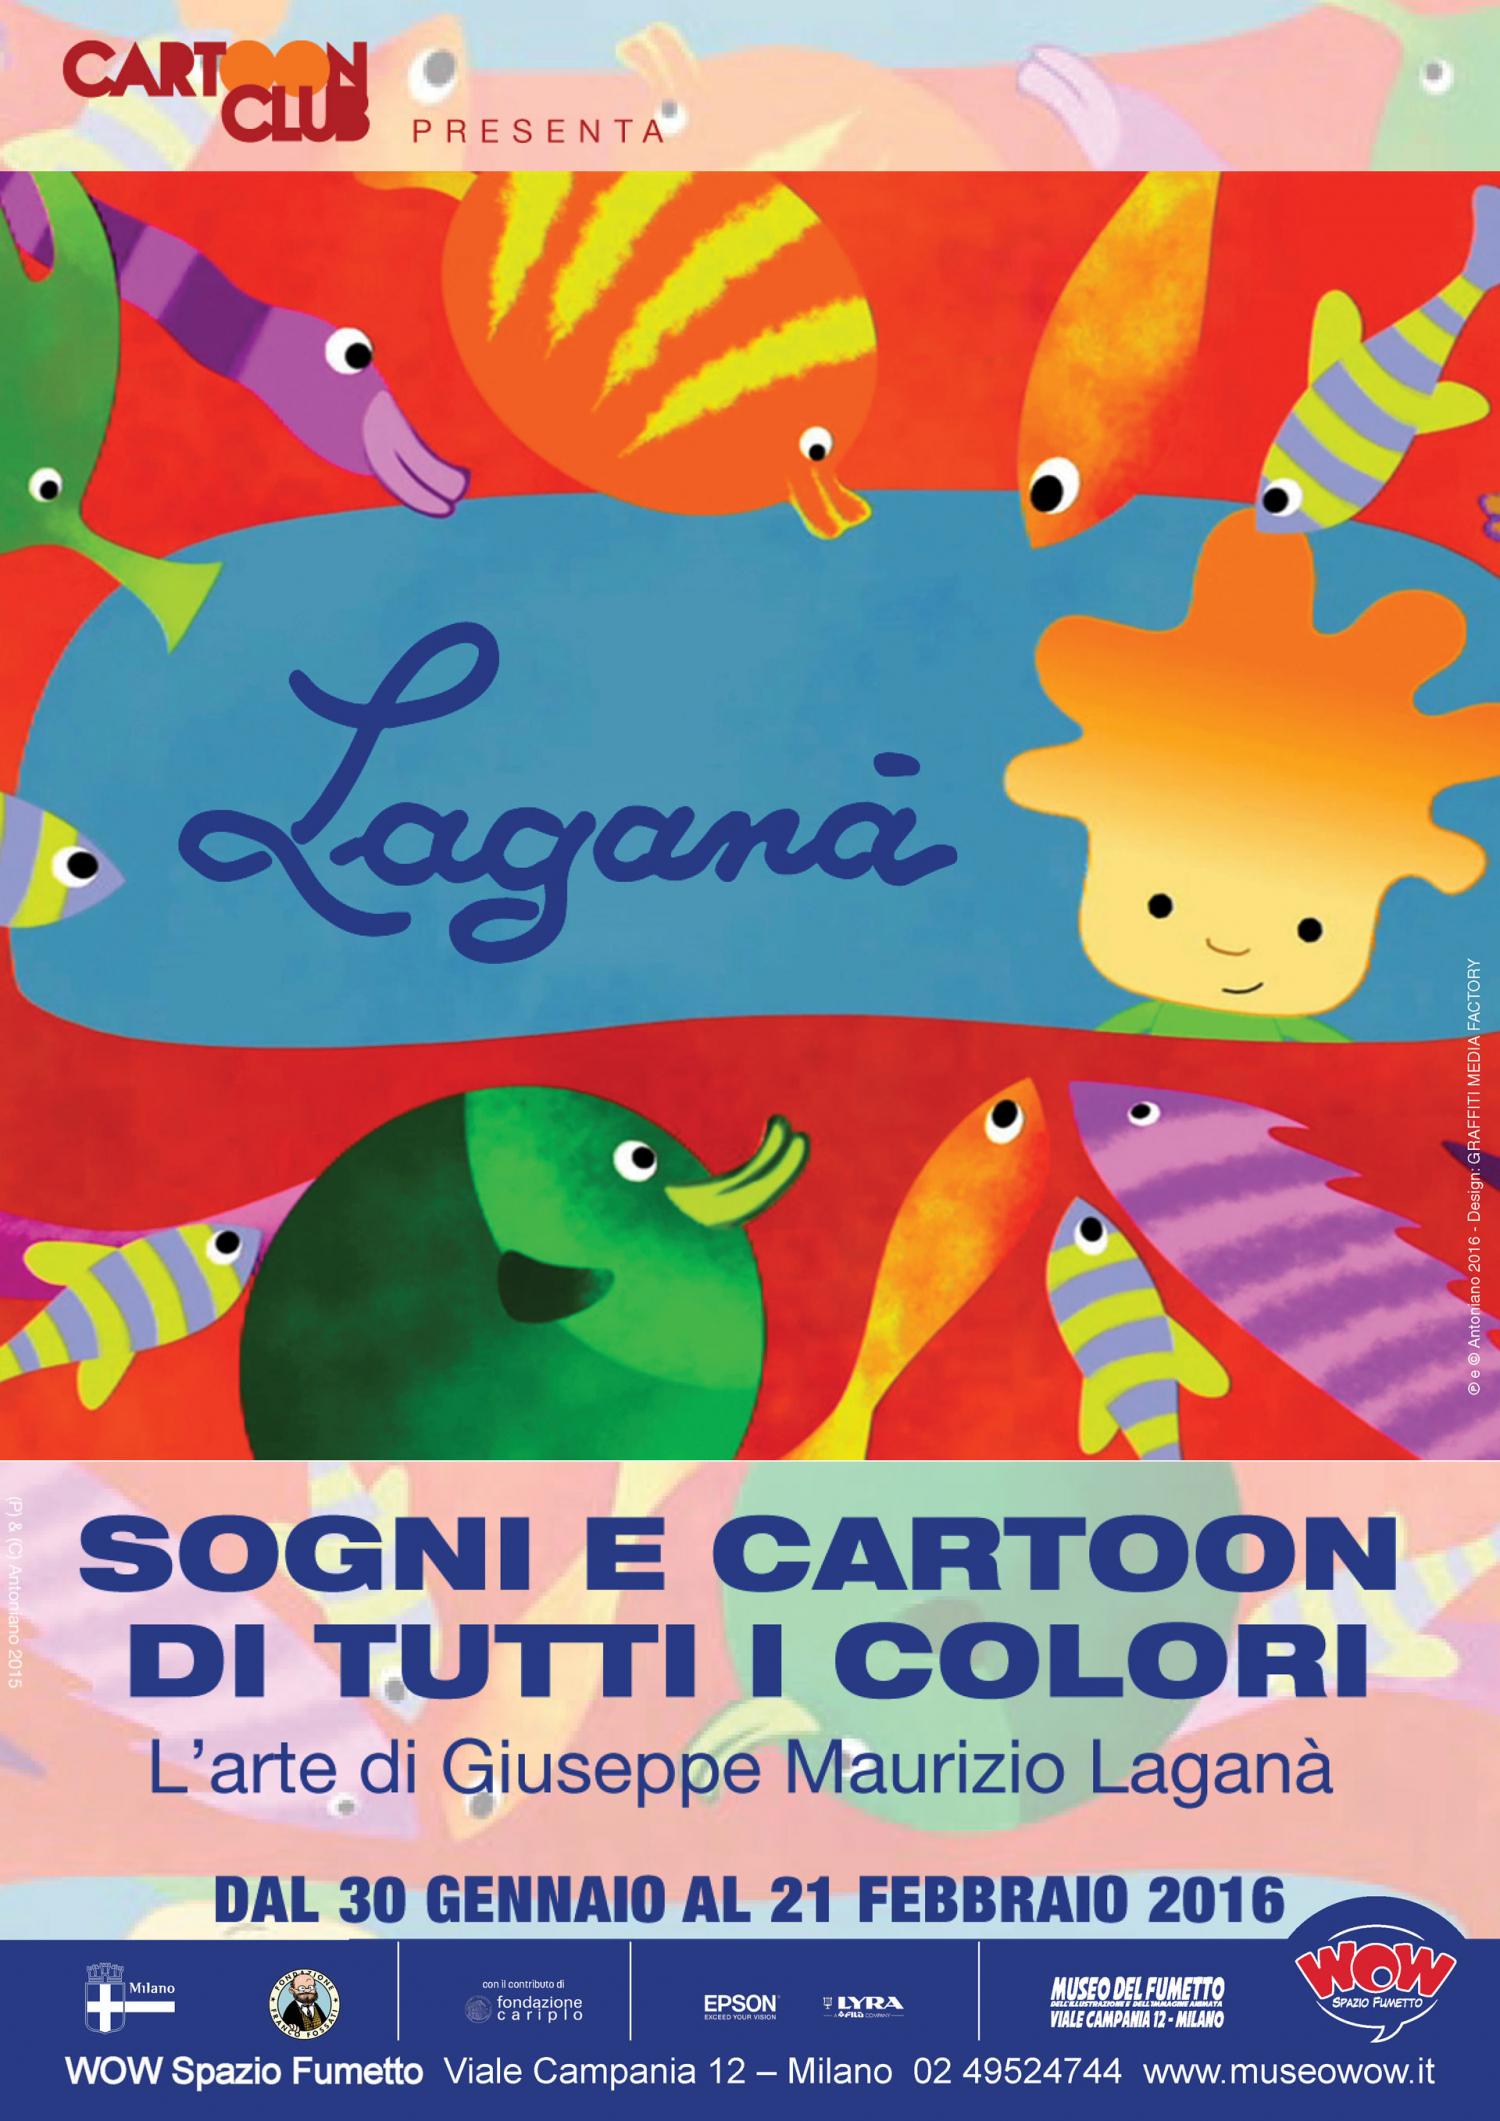 """<p>In collaborazione con <a target=""""_blank"""" href=""""http://www.cartoonclubrimini.com/""""><strong>Cartoon Club Rimini</strong></a>, presentiamo una straordinaria mostra dedicata al grande animatore, artista e regista milanese <strong>Giuseppe Maurizio Lagan&agrave;</strong>, scomparso lo scorso 3 gennaio. L&#39;esposizione,&nbsp;gi&agrave; allestita la scorsa estate presso il Museo della Citt&agrave; di Rimini, &egrave; stata <strong>supervisionata personalmente da Lagan&agrave;</strong> perch&eacute; rappresentasse con completezza la propria vena artistica e comprende i <strong>bozzetti e materiali originali</strong> di oltre 100 lavori realizzati per l&rsquo;editoria, il mondo della comunicazione e della pubblicit&agrave; e il cinema di animazione con bellissimi <strong>omaggi</strong> di autori e colleghi come Bruno Bozzetto, Osvaldo Cavandoli, Massimo Rotundo e Romano Scarpa, il&nbsp;grande artista Disney a cui &egrave; dedicata la personale che negli stessi giorni &egrave; allestita al primo piano del Museo. La mostra &egrave; a cura di <strong>Federico Fiecconi</strong> con <strong>Sabrina Zanetti</strong>, vicepresidente <a target=""""_blank"""" href=""""http://www.asifaitalia.org/"""">ASIFA Italia</a> e Direttore Artistico del Cartoon Club di Rimini e gode del patrocinio delle associazioni <strong>Animation Italy</strong> e <strong>ASIFA Italia</strong>. L&rsquo;esposizione attraversa il percorso artistico di Giuseppe Maurizio Lagan&agrave; nei suoi aspetti pi&ugrave; diversi: una <strong>carriera&nbsp;straordinaria</strong> per creativit&agrave;, inventiva e poetica, con una particolare capacit&agrave; di parlare ai pi&ugrave; piccoli. Il lavoro di Lagan&agrave; si trova di frequente connesso a doppio filo al caposcuola milanese <strong>Bruno Bozzetto</strong>, di cui &egrave; stato collaboratore di lunga data contribuendo con <strong>vari apporti creativi</strong> (animatore, art director, autore di scenografie) ai tre storici lungometraggi West and Soda, VIP - Mio fratell"""